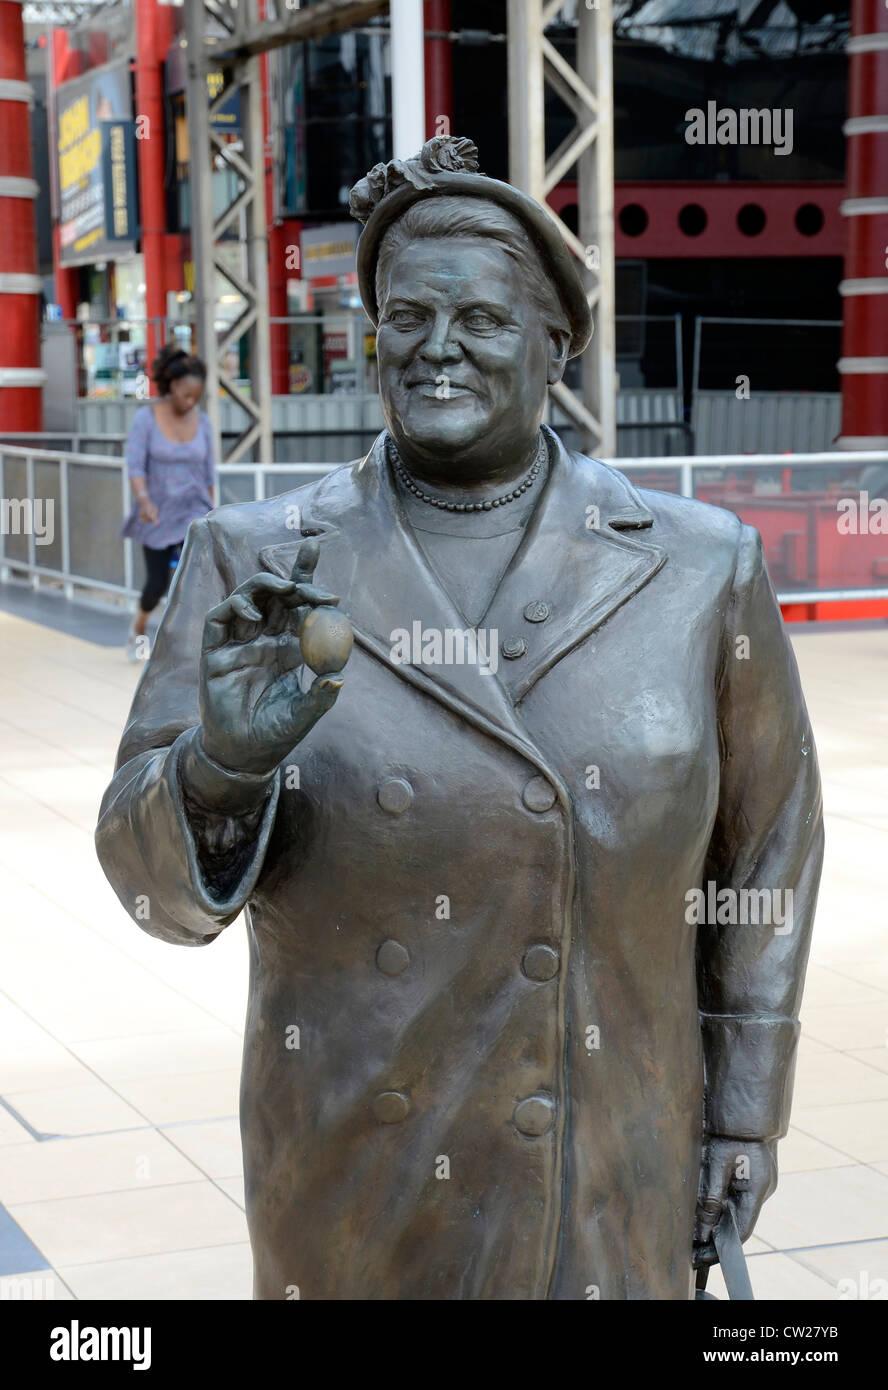 La estatua de ' Bessie Braddock ' un famoso político de liverpool Imagen De Stock